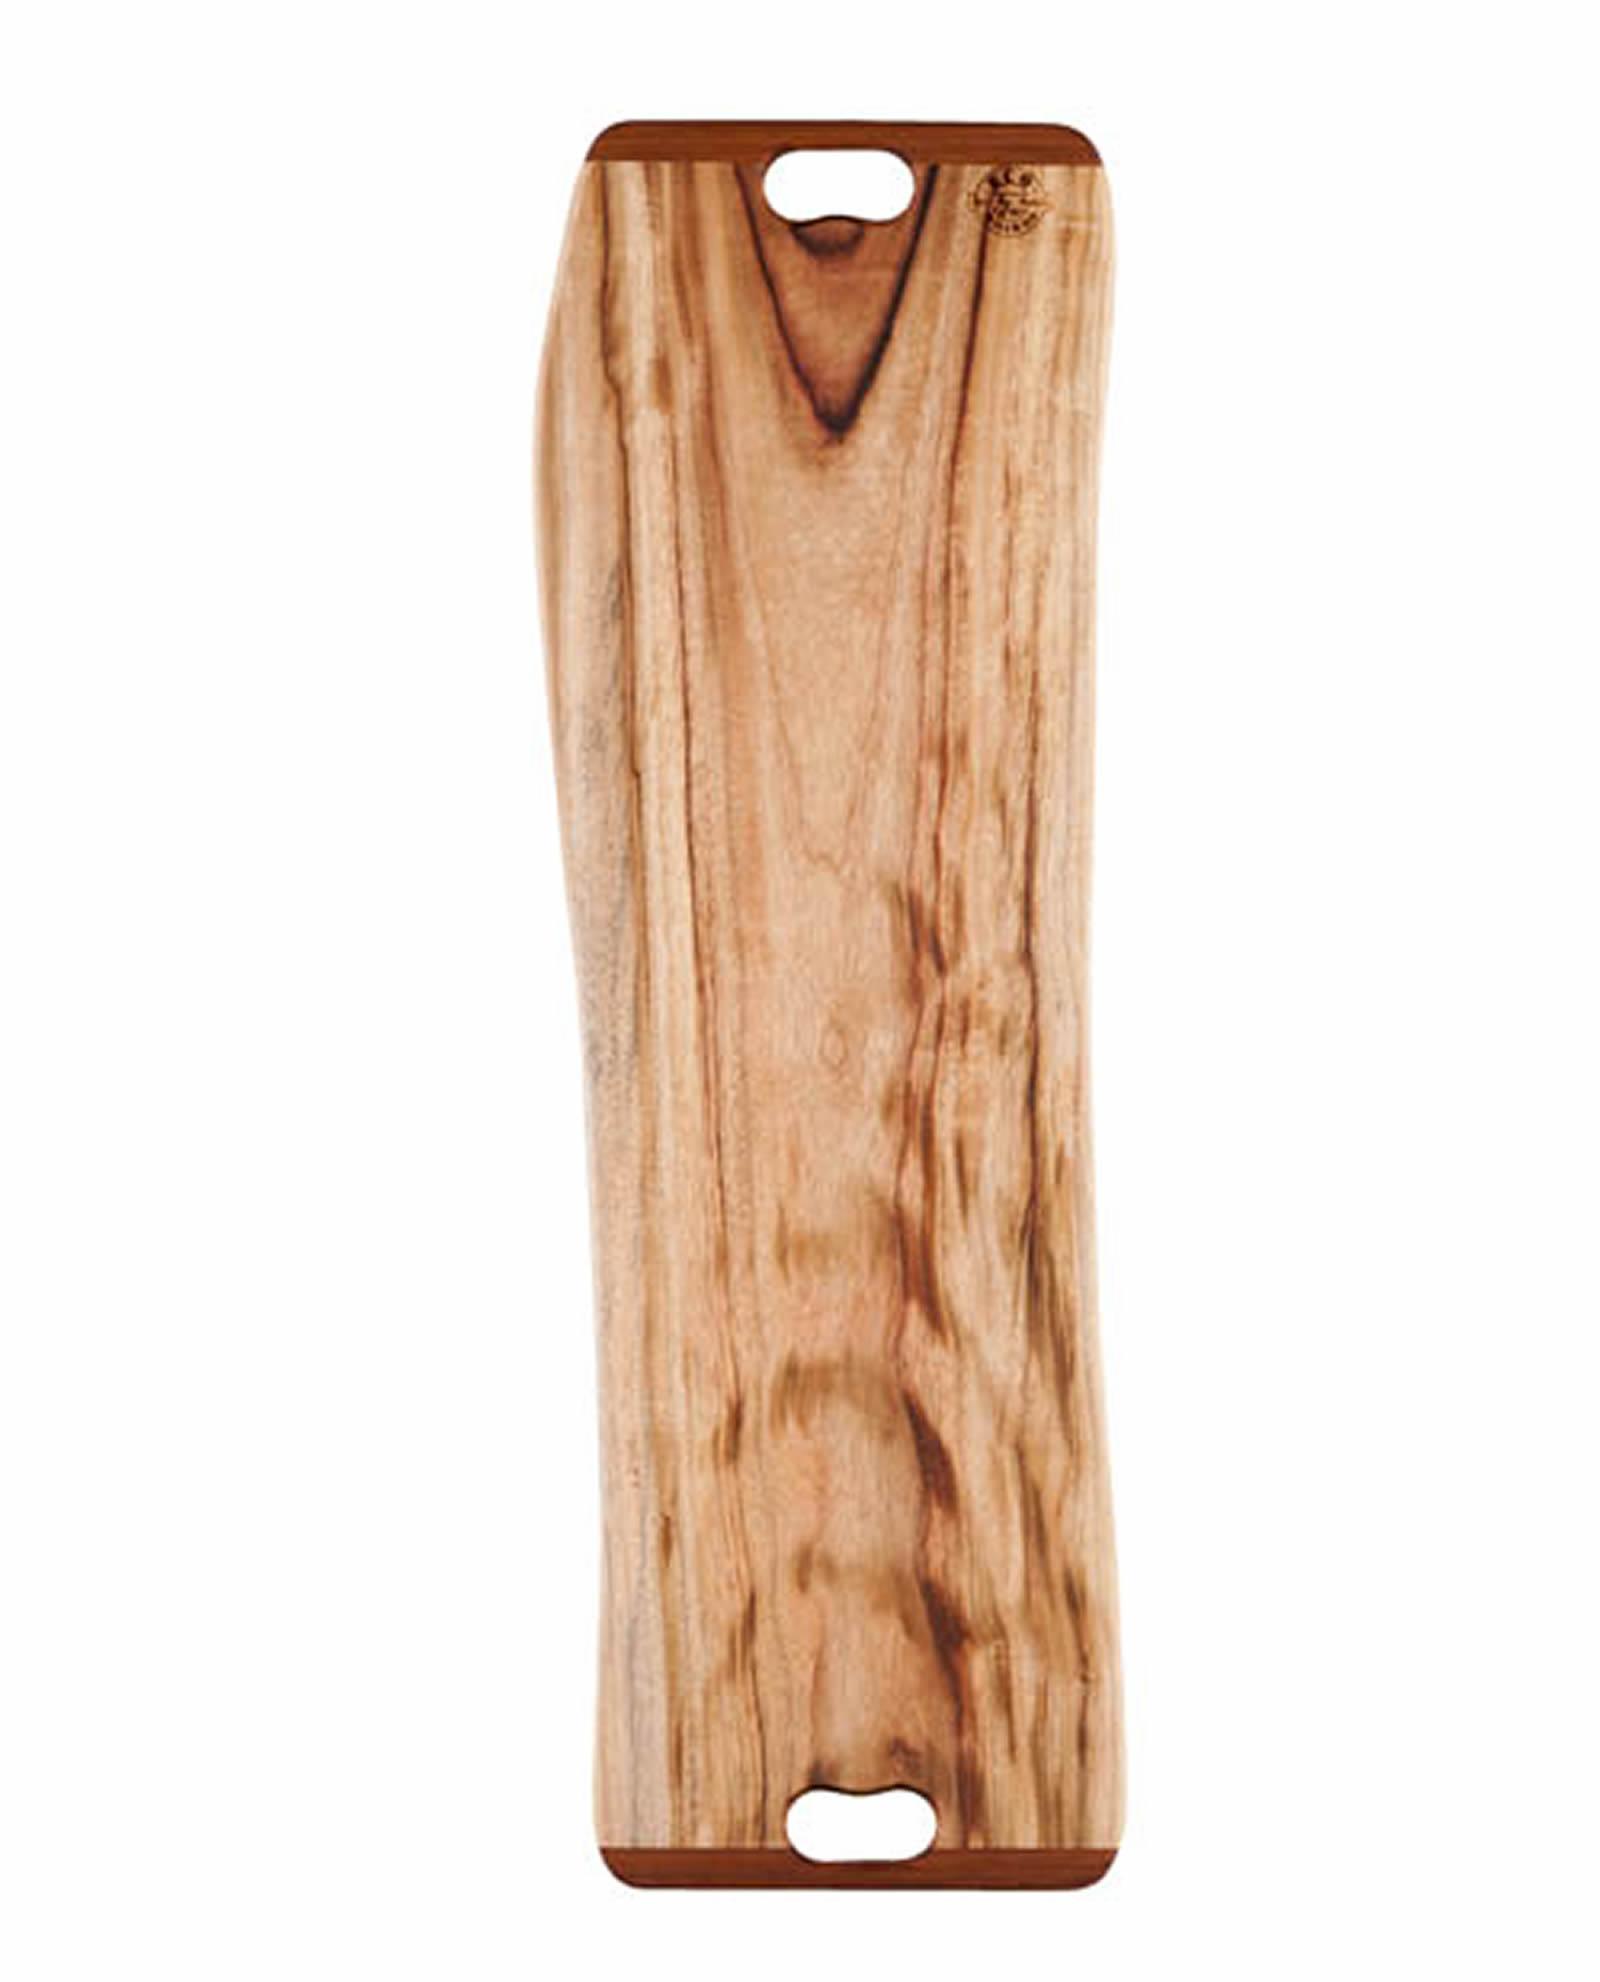 Eureka Wooden Platter Board